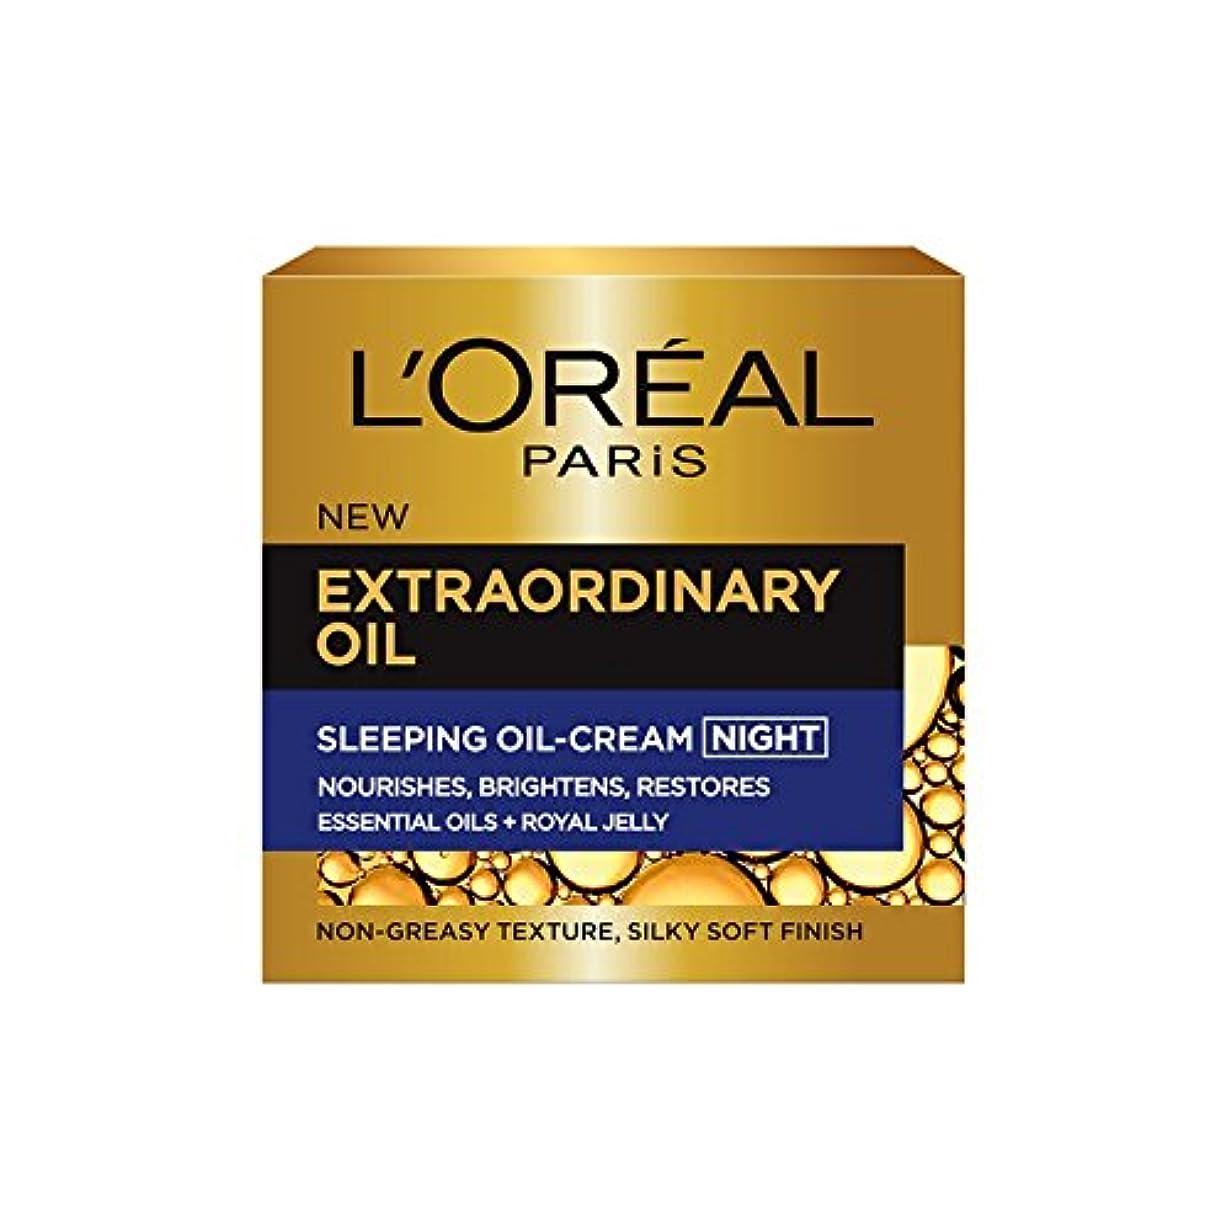 抵抗要件詐欺師ロレアルパリ臨時油眠っオイルナイトクリーム(50ミリリットル) x4 - L'Or?al Paris Extraordinary Oil Sleeping Oil Night Cream (50ml) (Pack of 4) [並行輸入品]